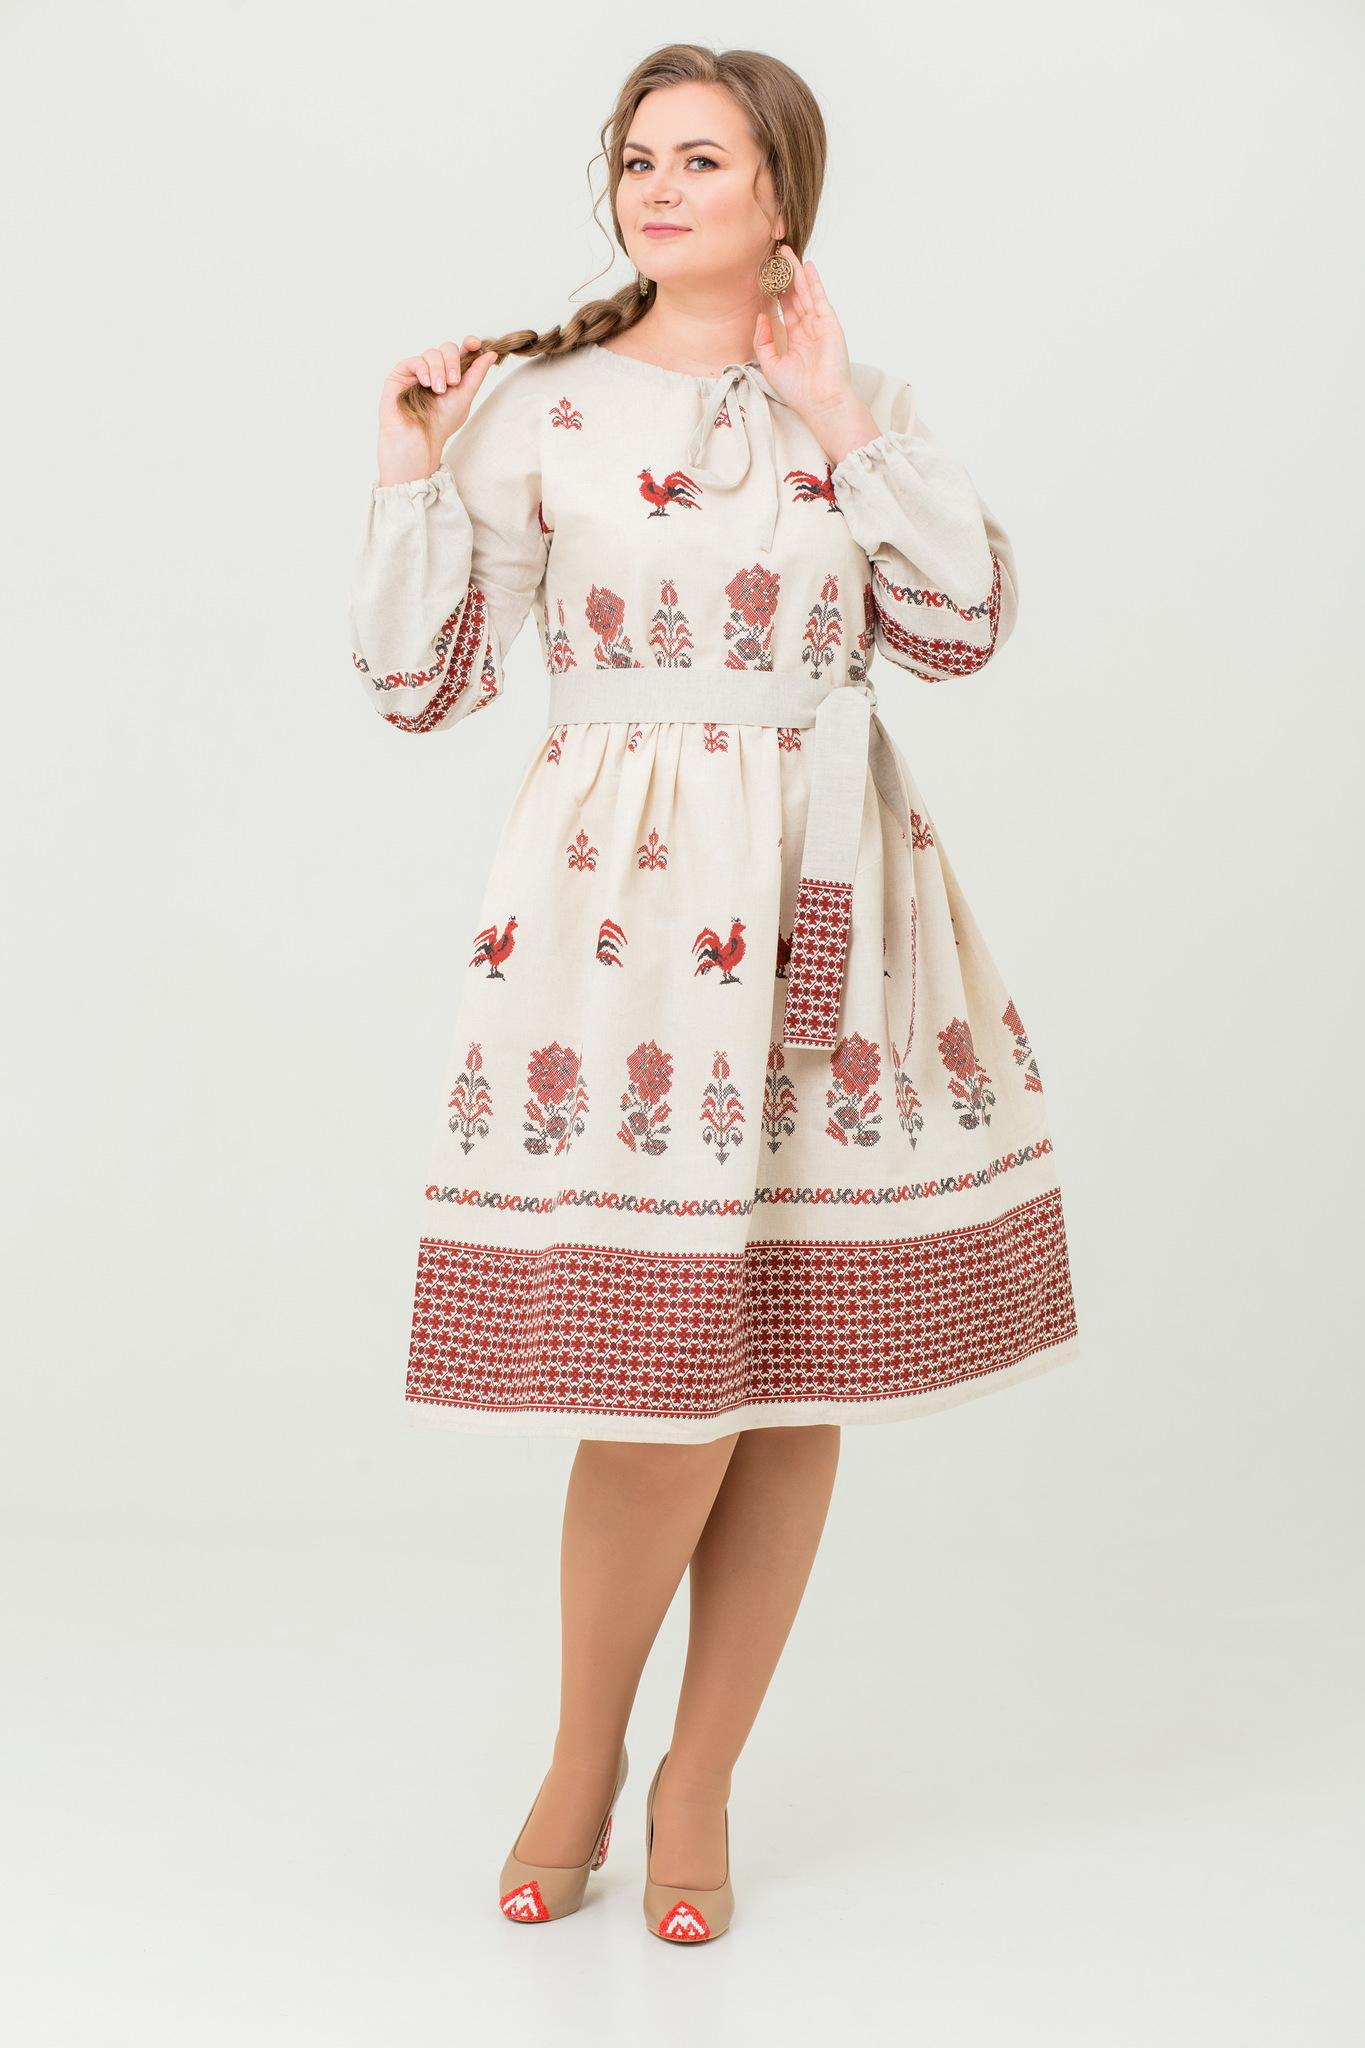 Платье льняное Вестник зари в русском стиле